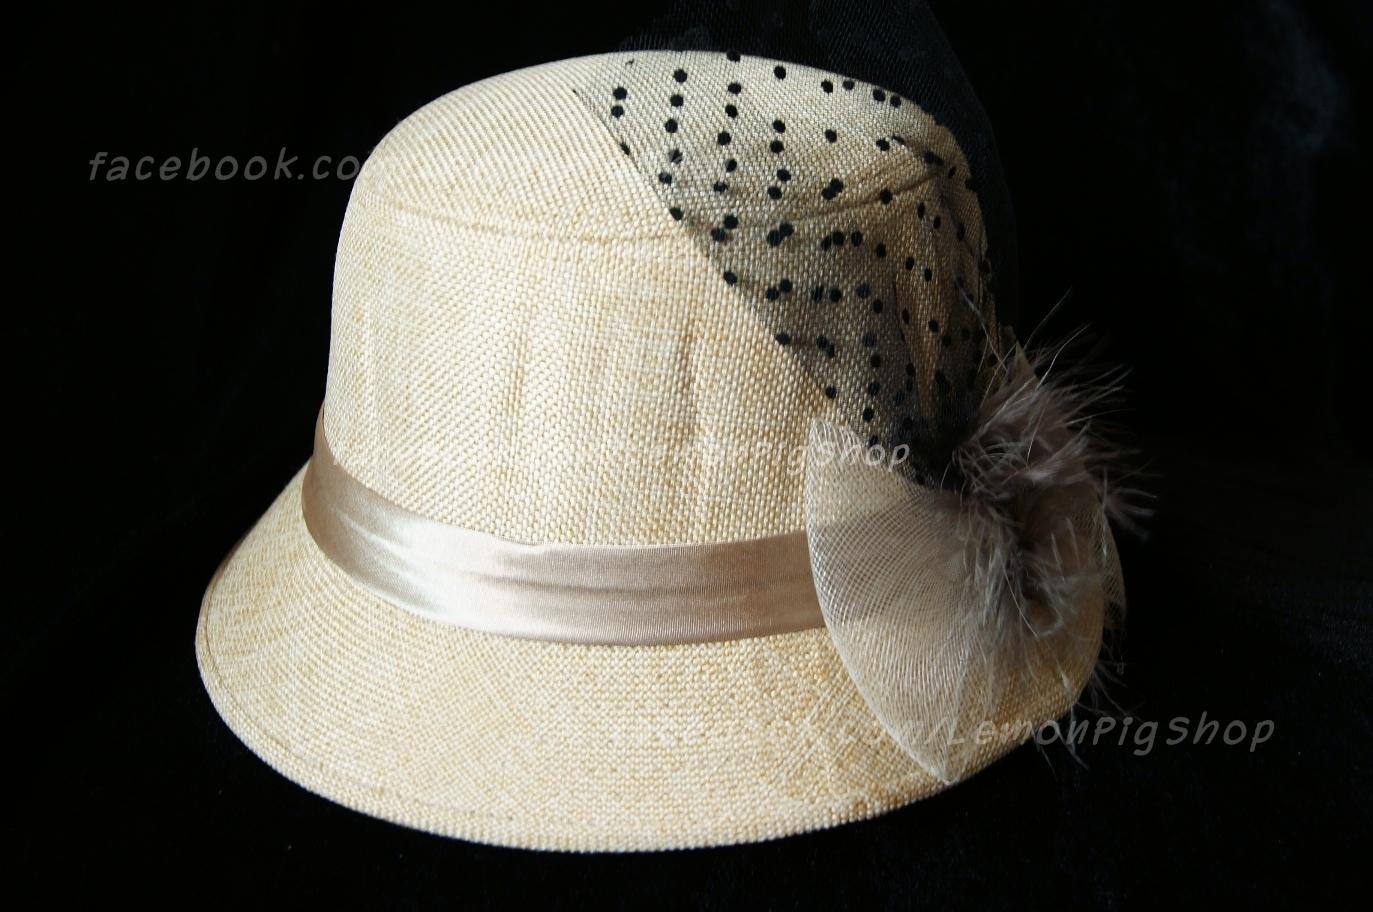 หมวกผ้าคุณนายสีครีม โบว์ตาข่ายขาว ขนเฟอร์& ลูกไม้ดำ 2 สวยหวานน่ารักมากๆค่ะ